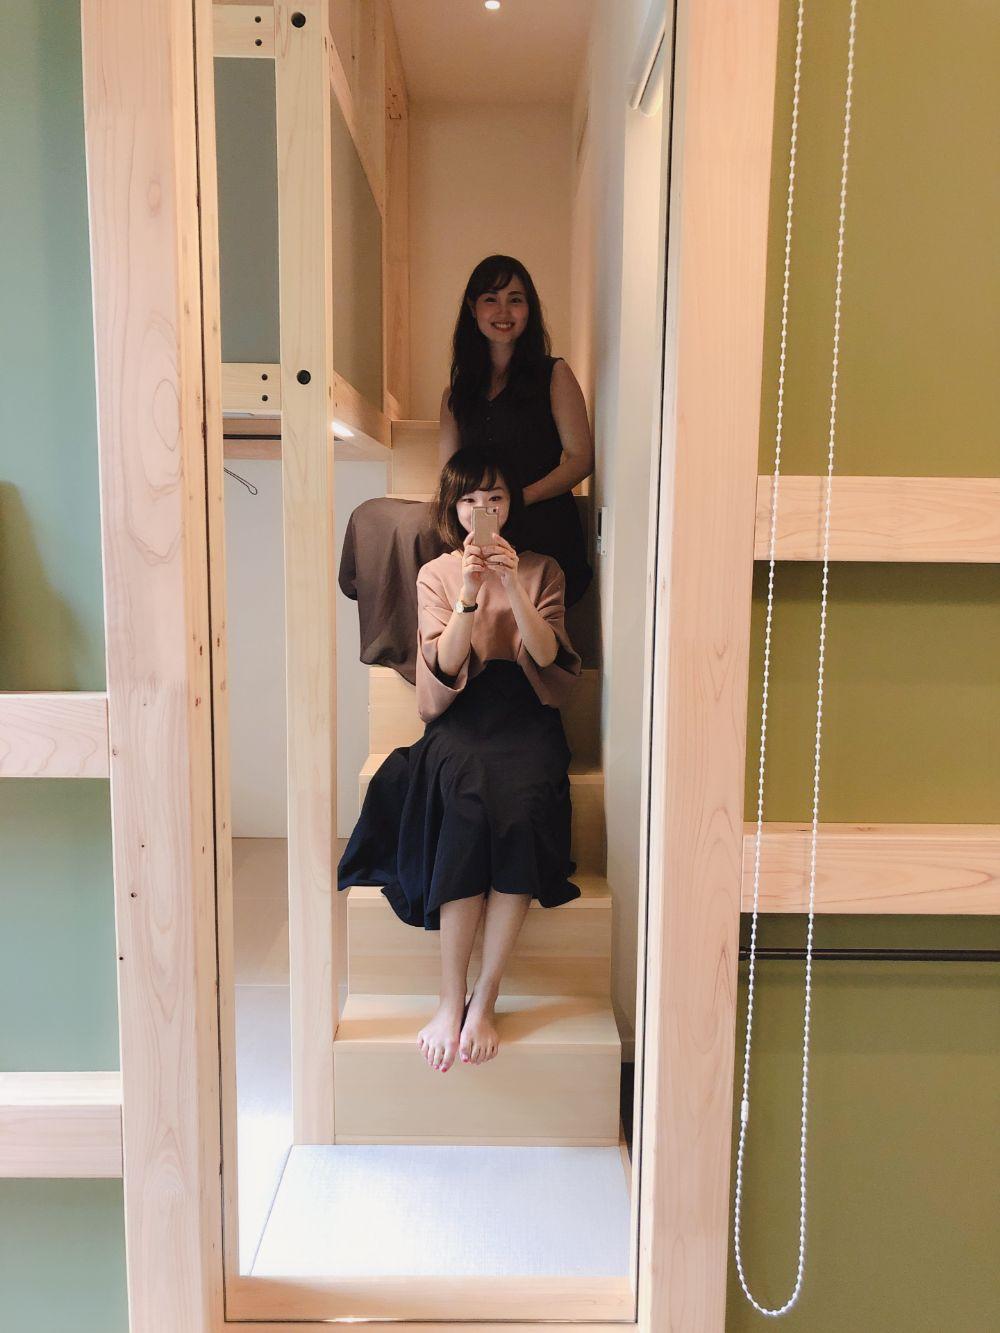 軽井沢女子旅特集 - 日帰り旅行も! 自然を満喫できるモデルコースやおすすめグルメ、人気の星野リゾートまとめ_59